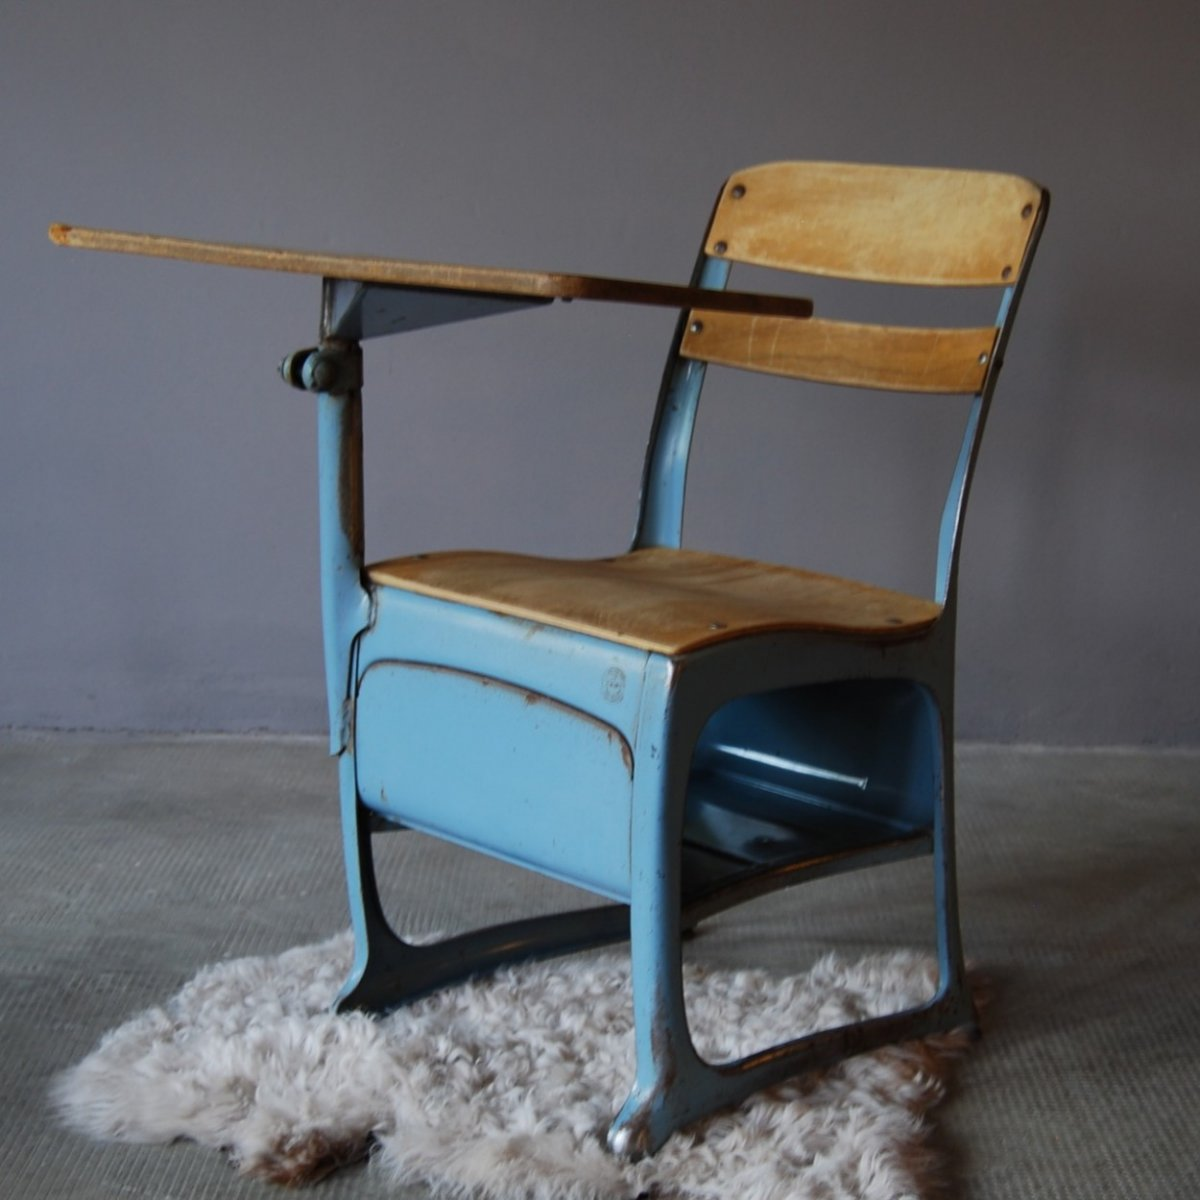 Muebles vintage para habitaciones infantiles decoraci n for Muebles vintage